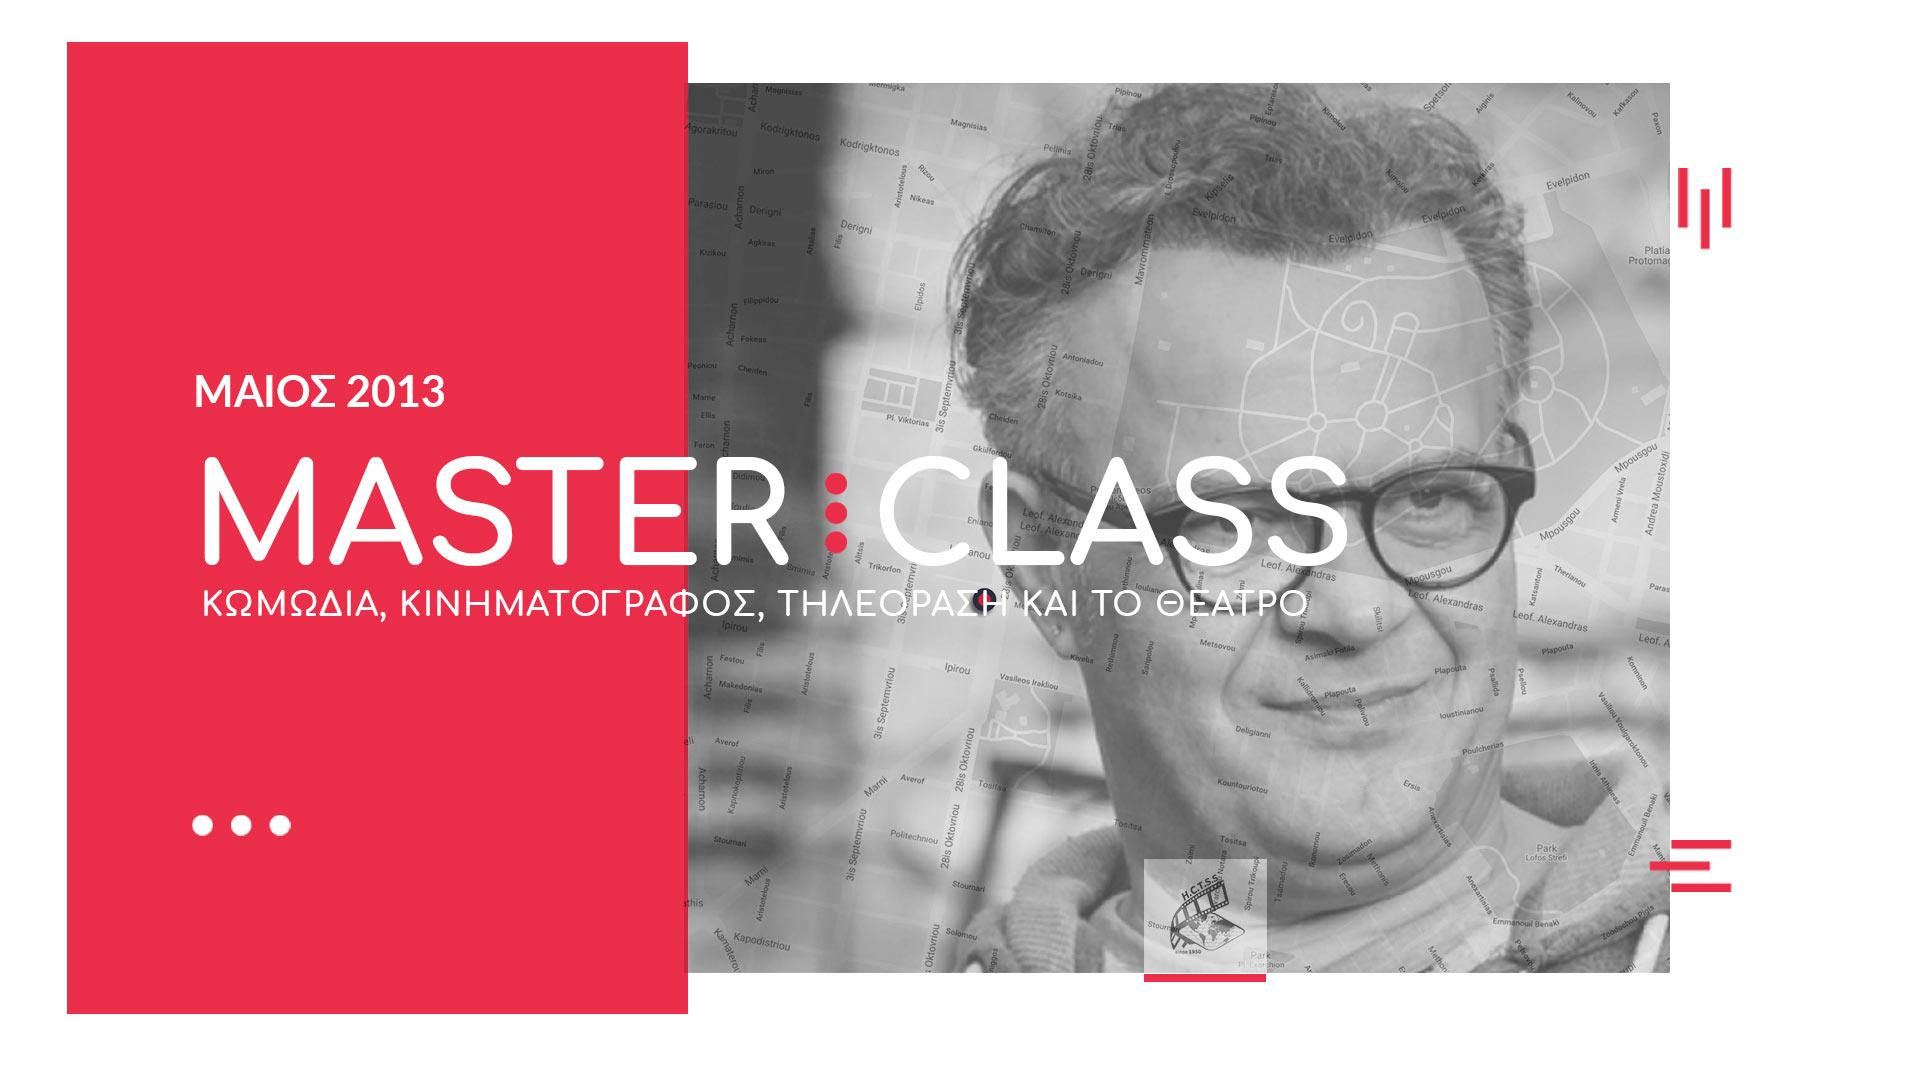 Masterclass του σεναριογράφου, ηθοποιού και σκηνοθέτη Μιχάλη Ρέππα